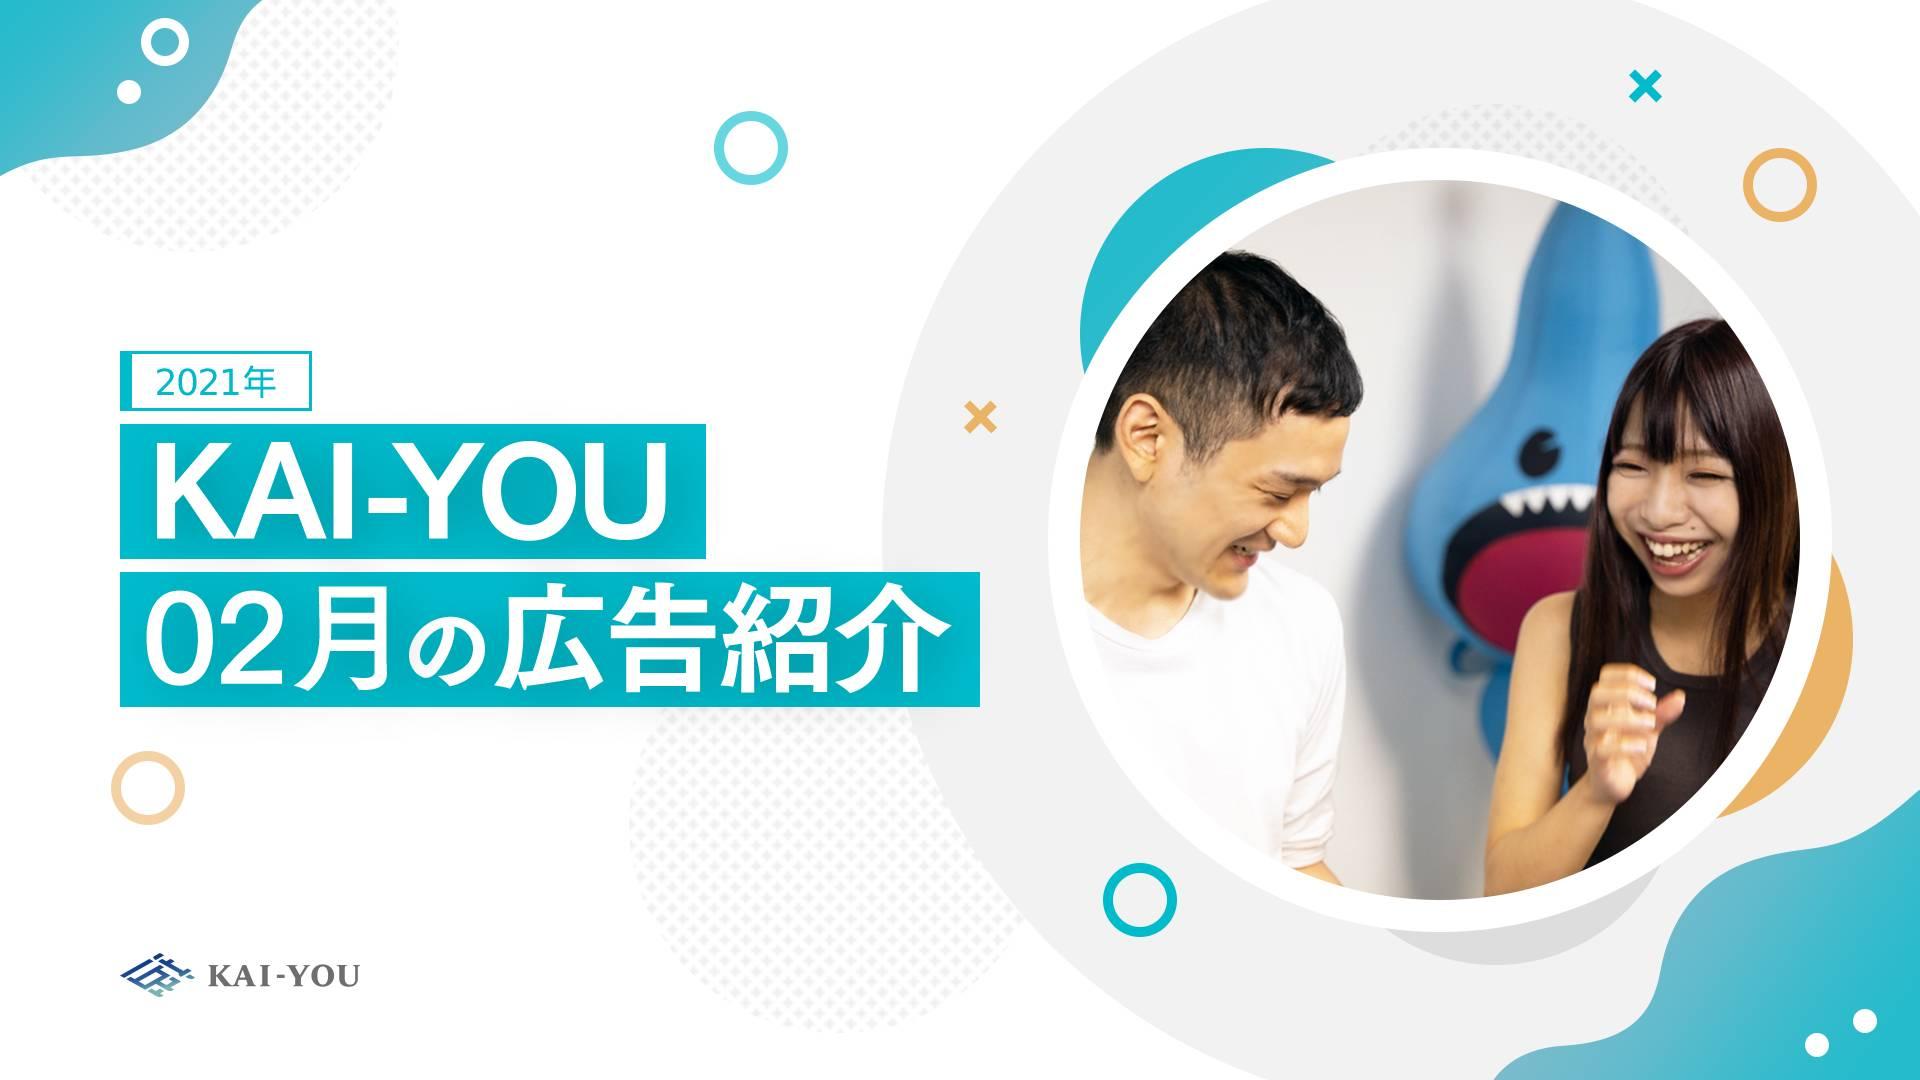 KAI-YOU 広告事例のご案内 | 2021年2月